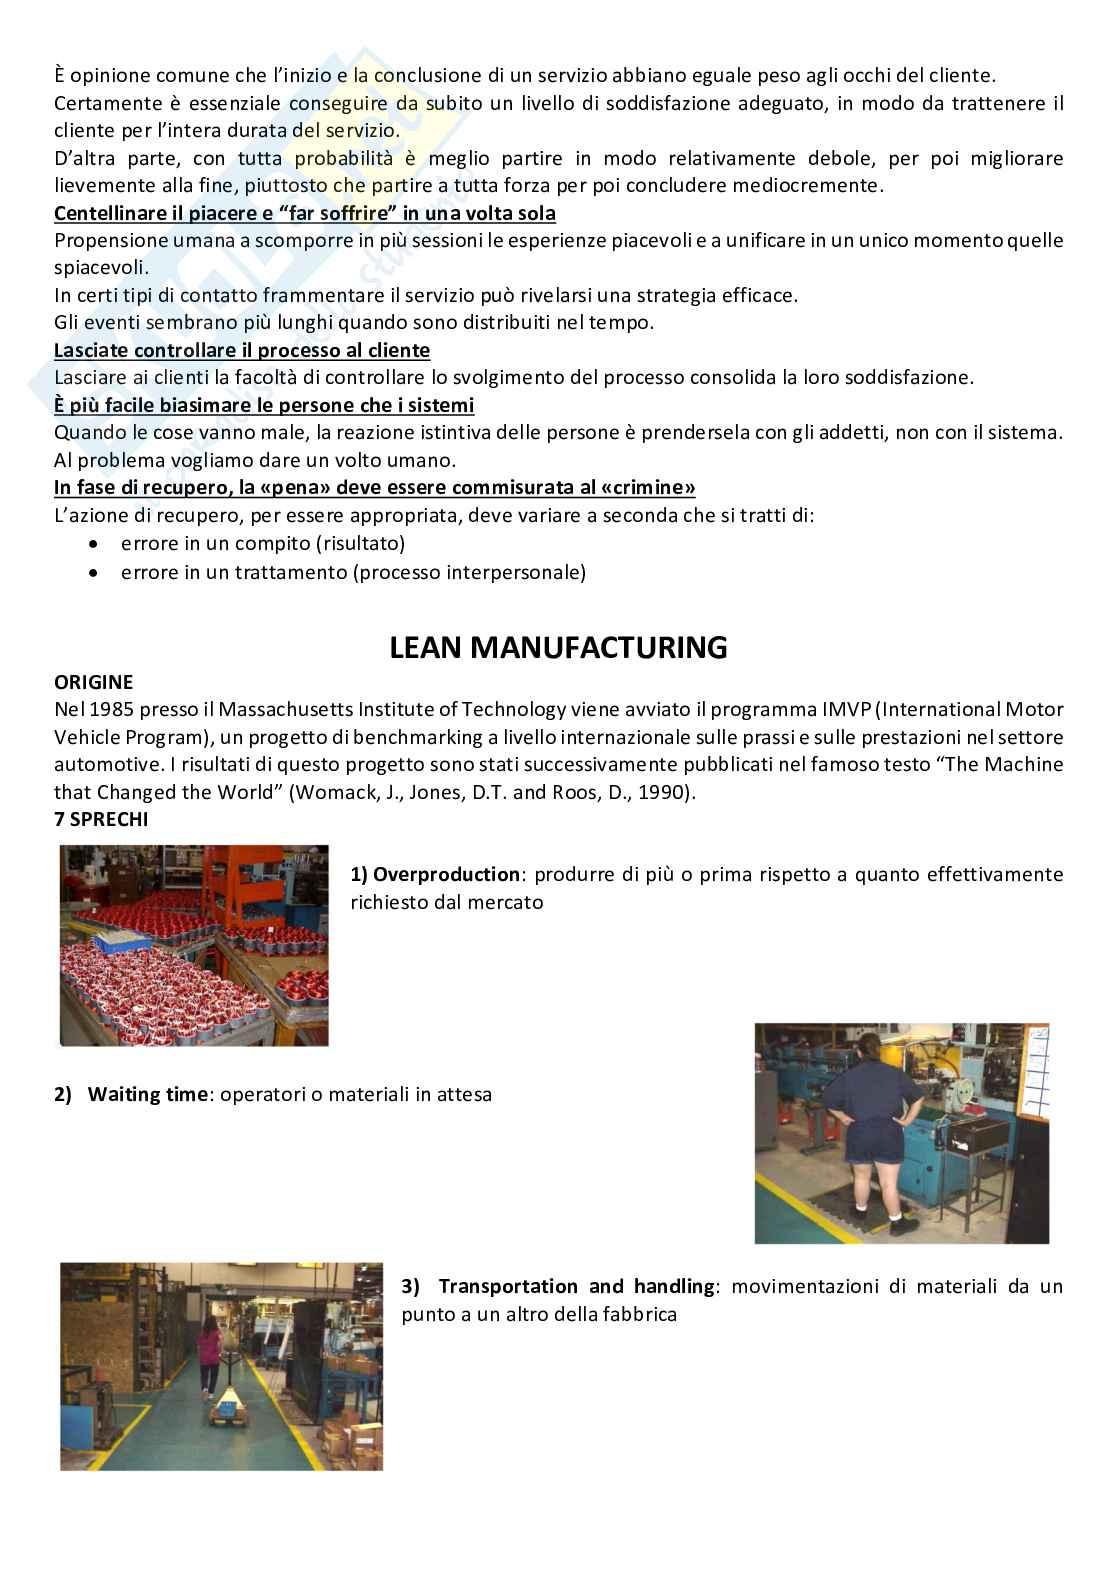 Gestione della produzione e logistica Pag. 16